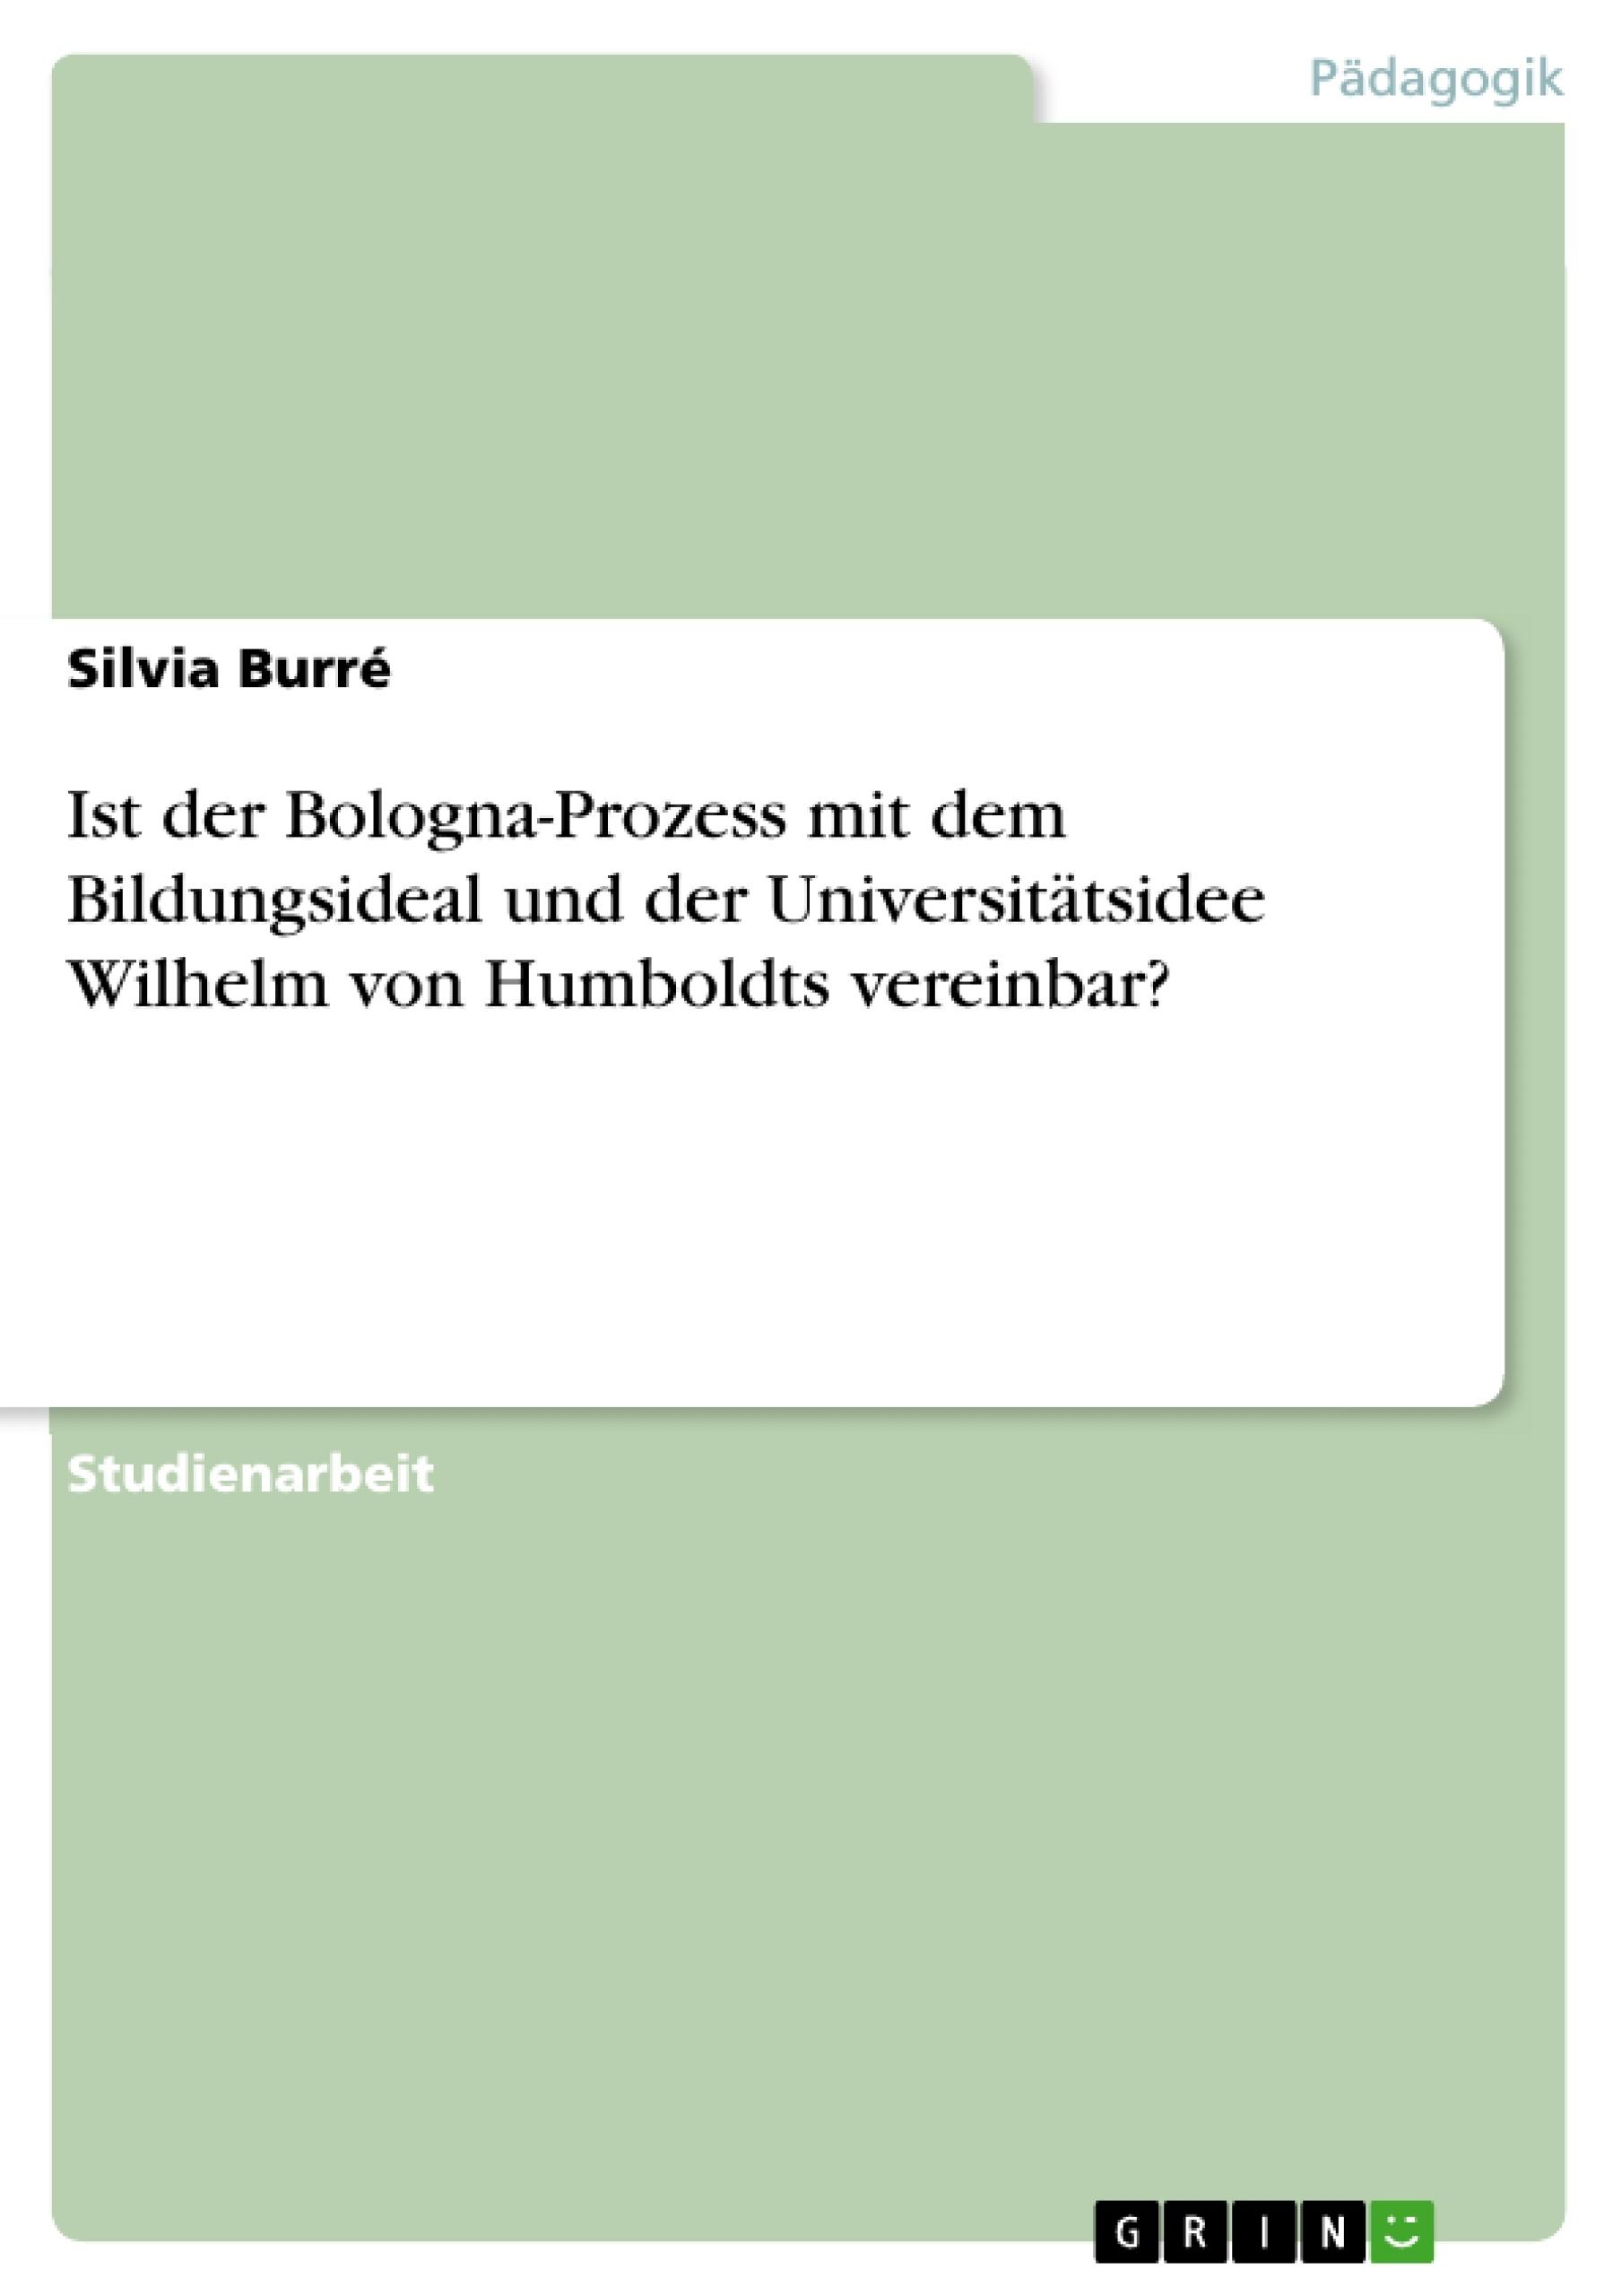 Titel: Ist der Bologna-Prozess mit dem Bildungsideal und der Universitätsidee Wilhelm von Humboldts vereinbar?